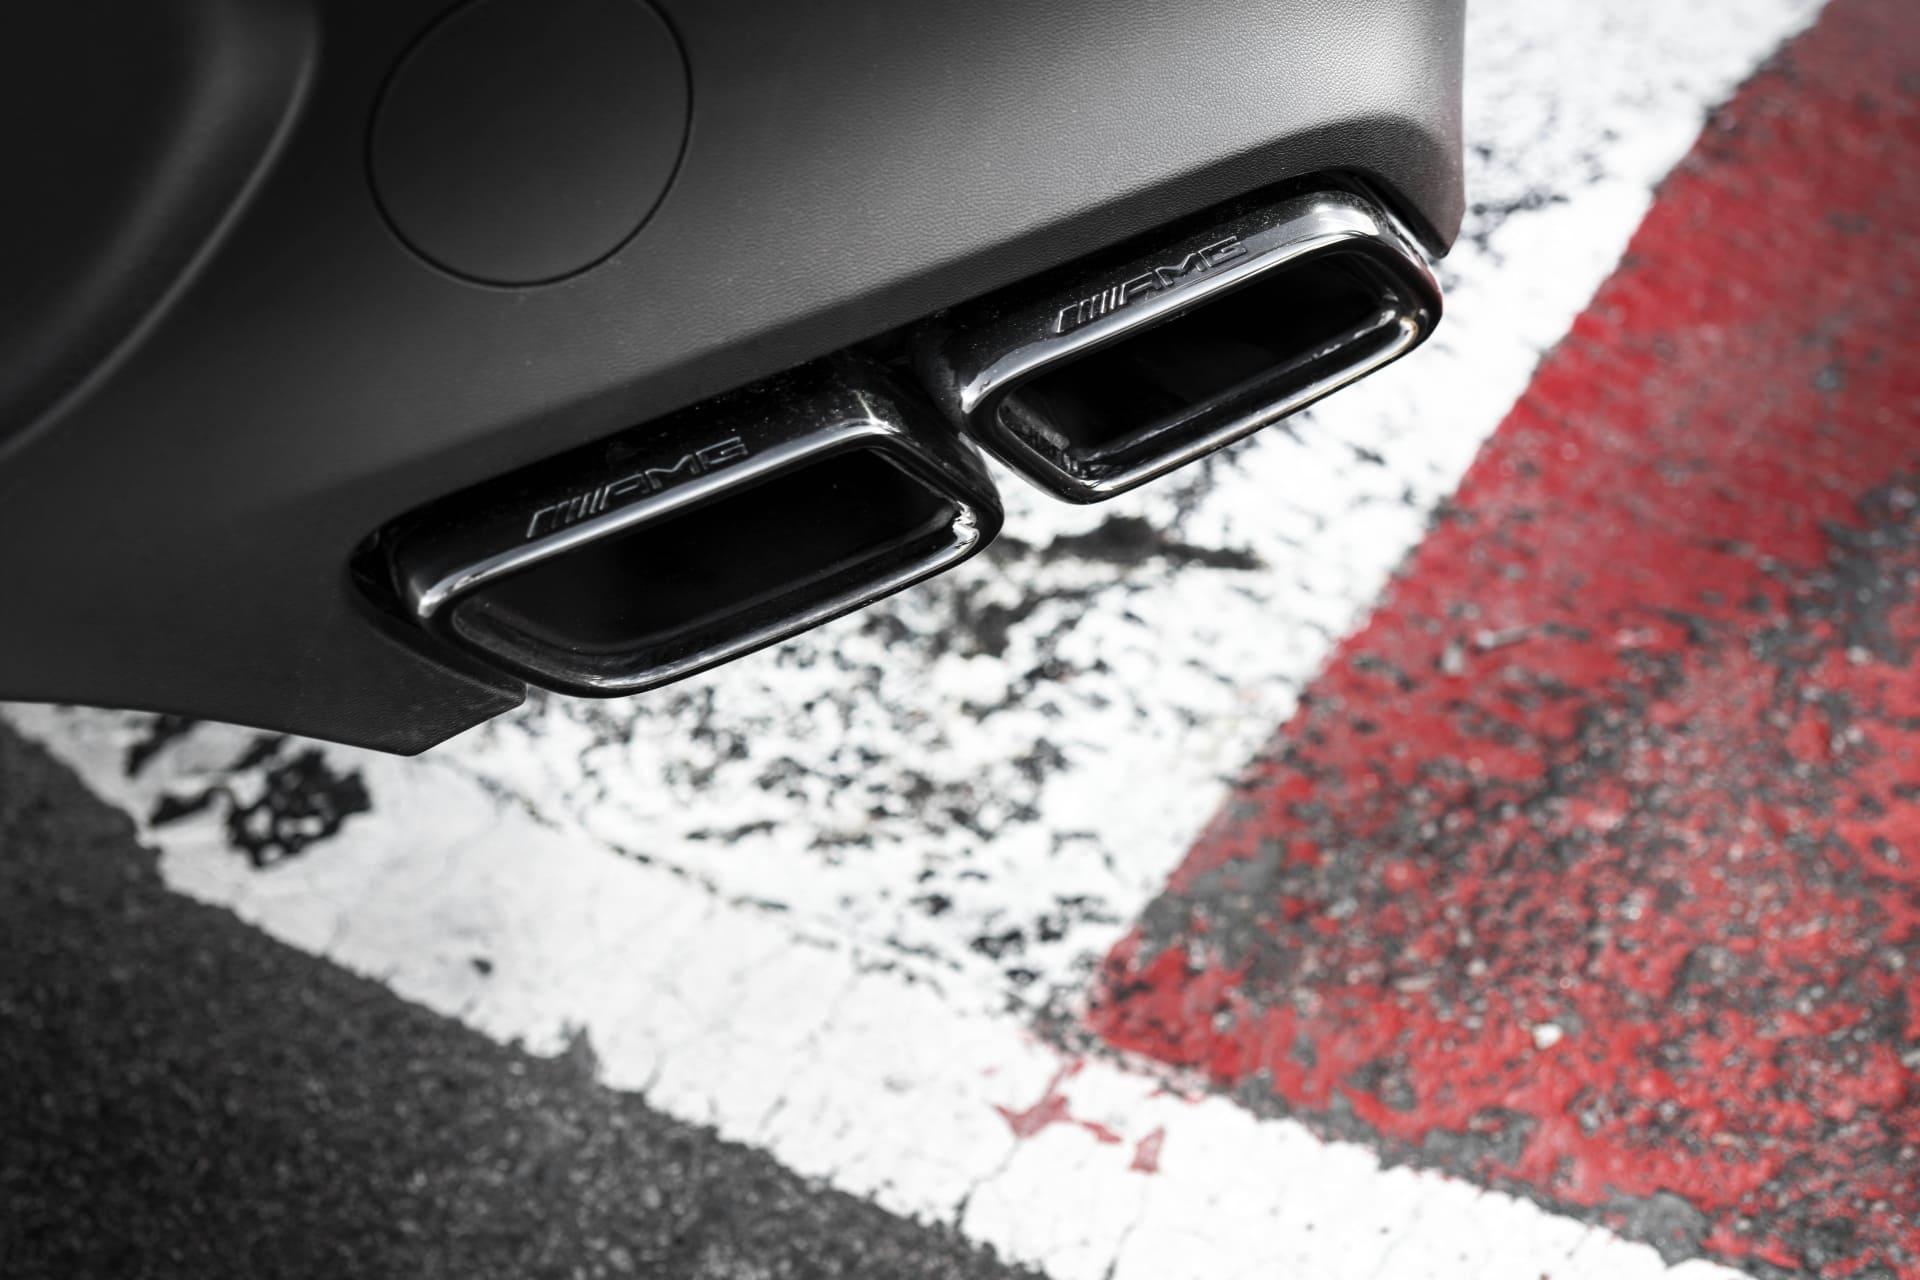 Från de fyra avgaspiporna baktill kommer skönsång även på låga varv när bilen står på tongång.